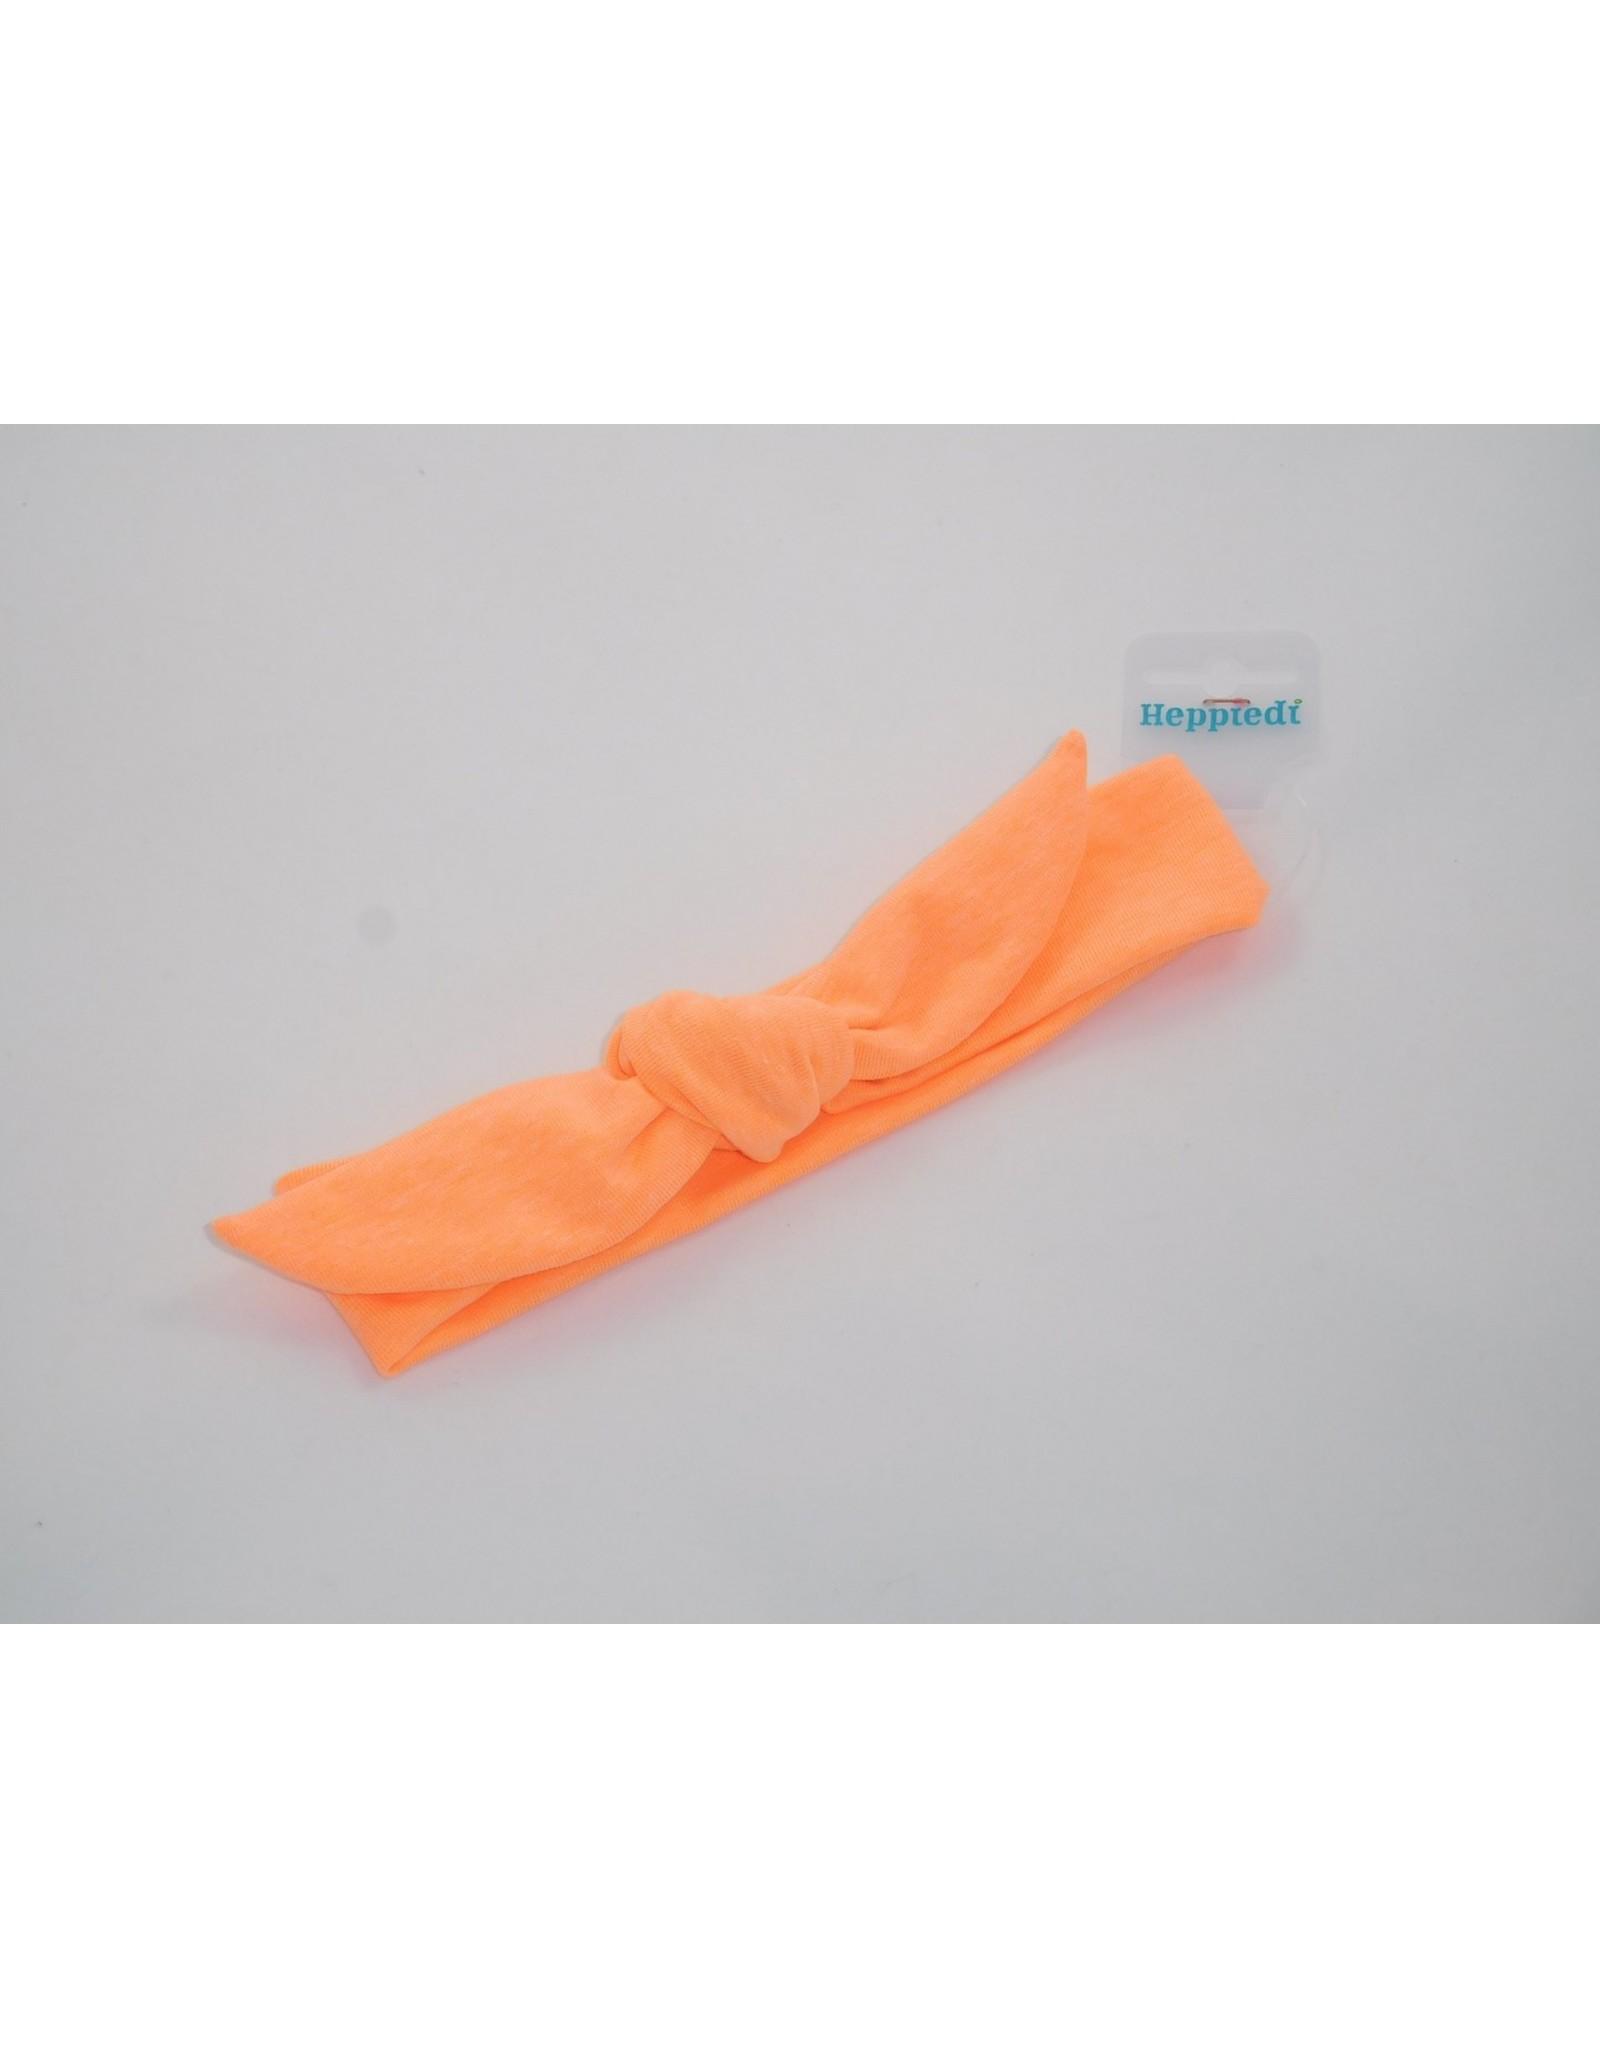 Heppiedi Heppiedi Knoophaarband Neon Oranje